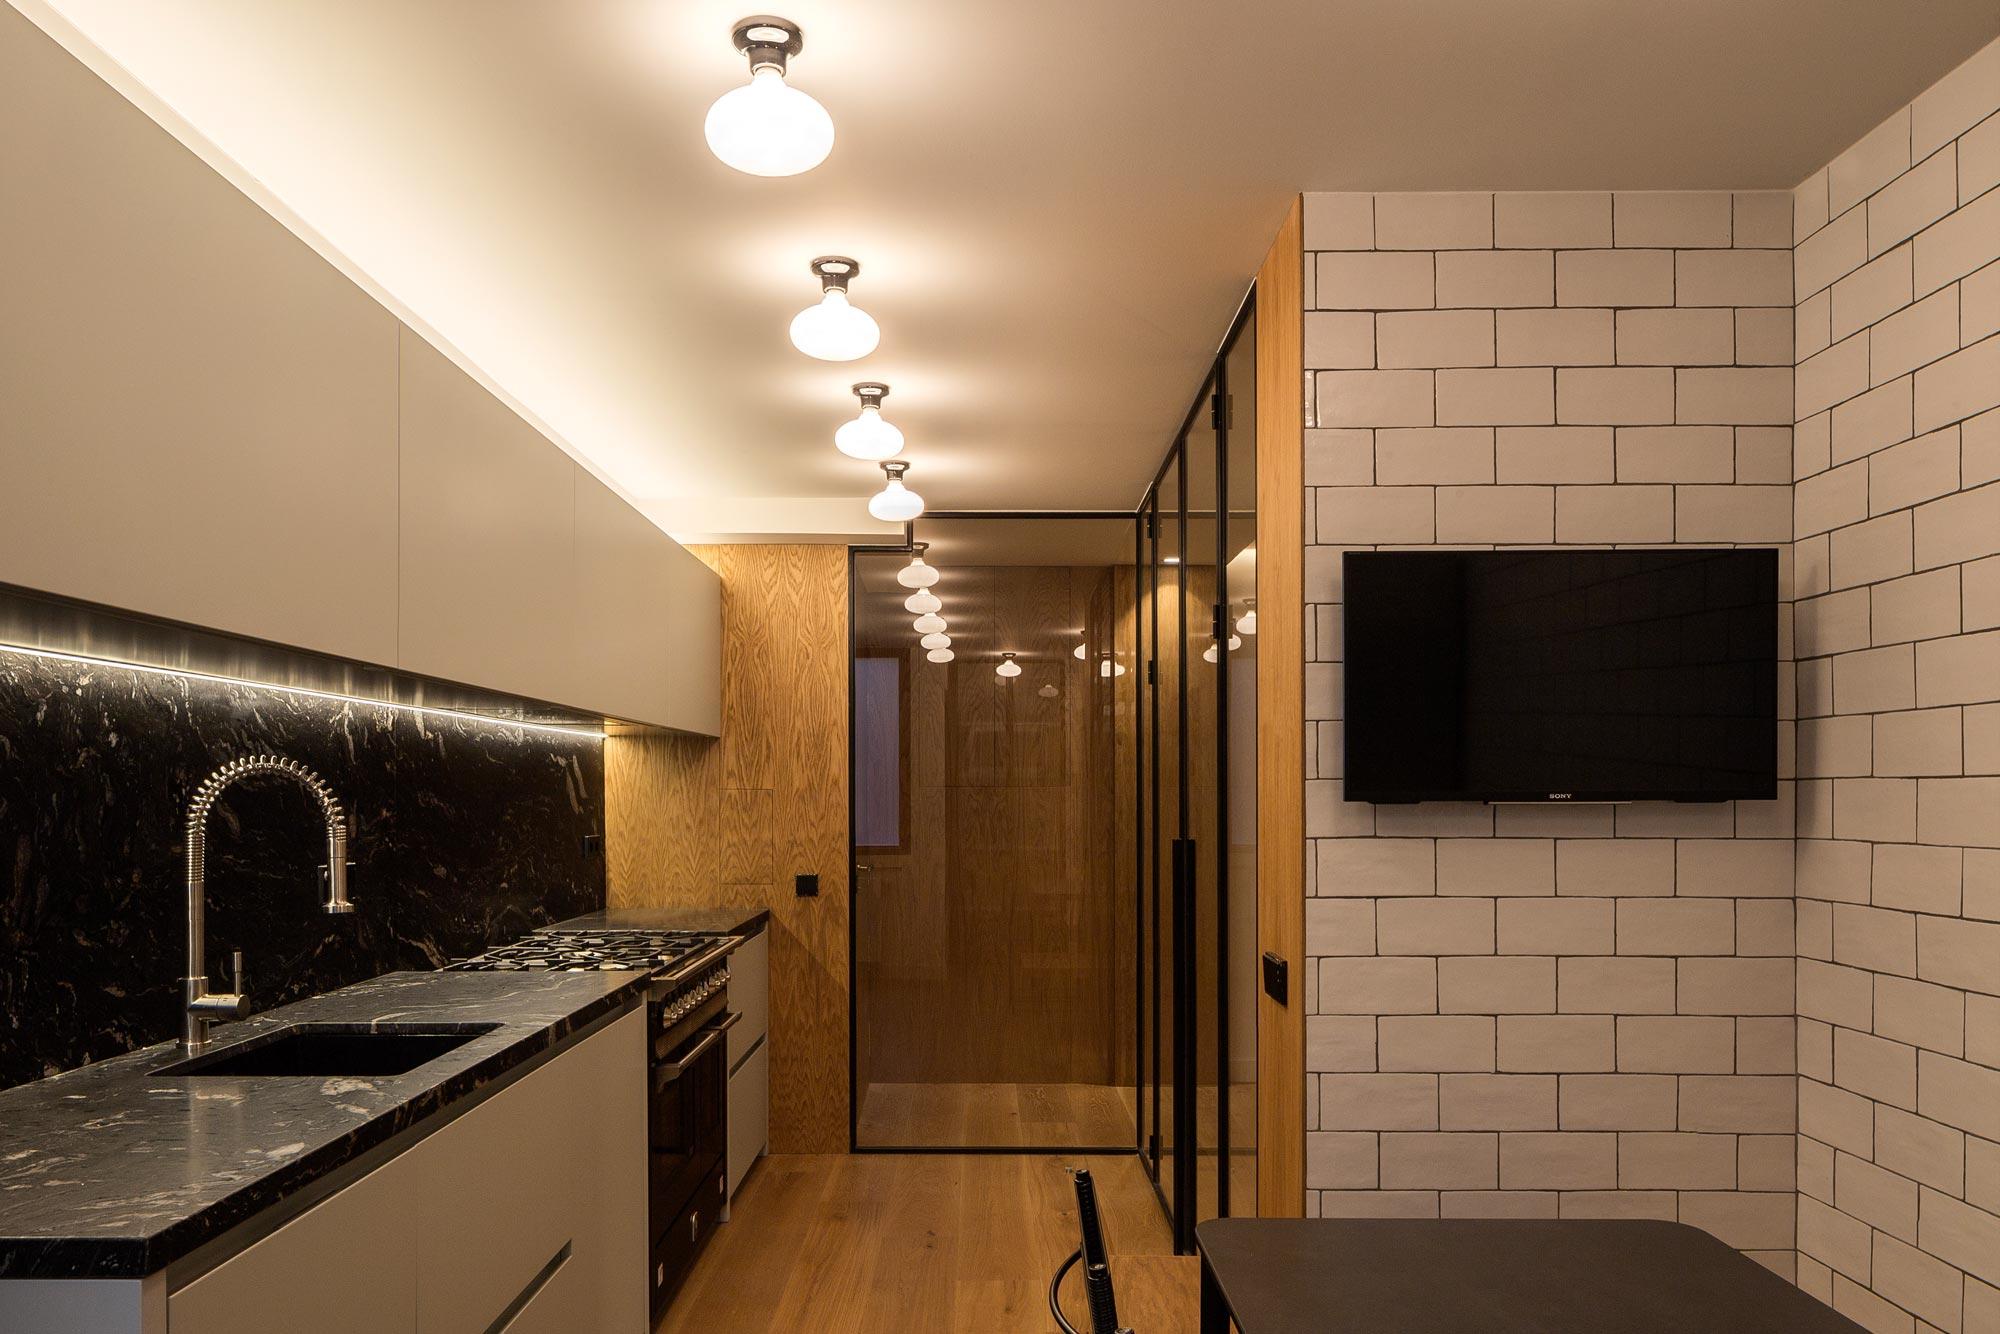 Iluminaci n de casas vivienda unifamiliar retiro light - Iluminacion para casa ...